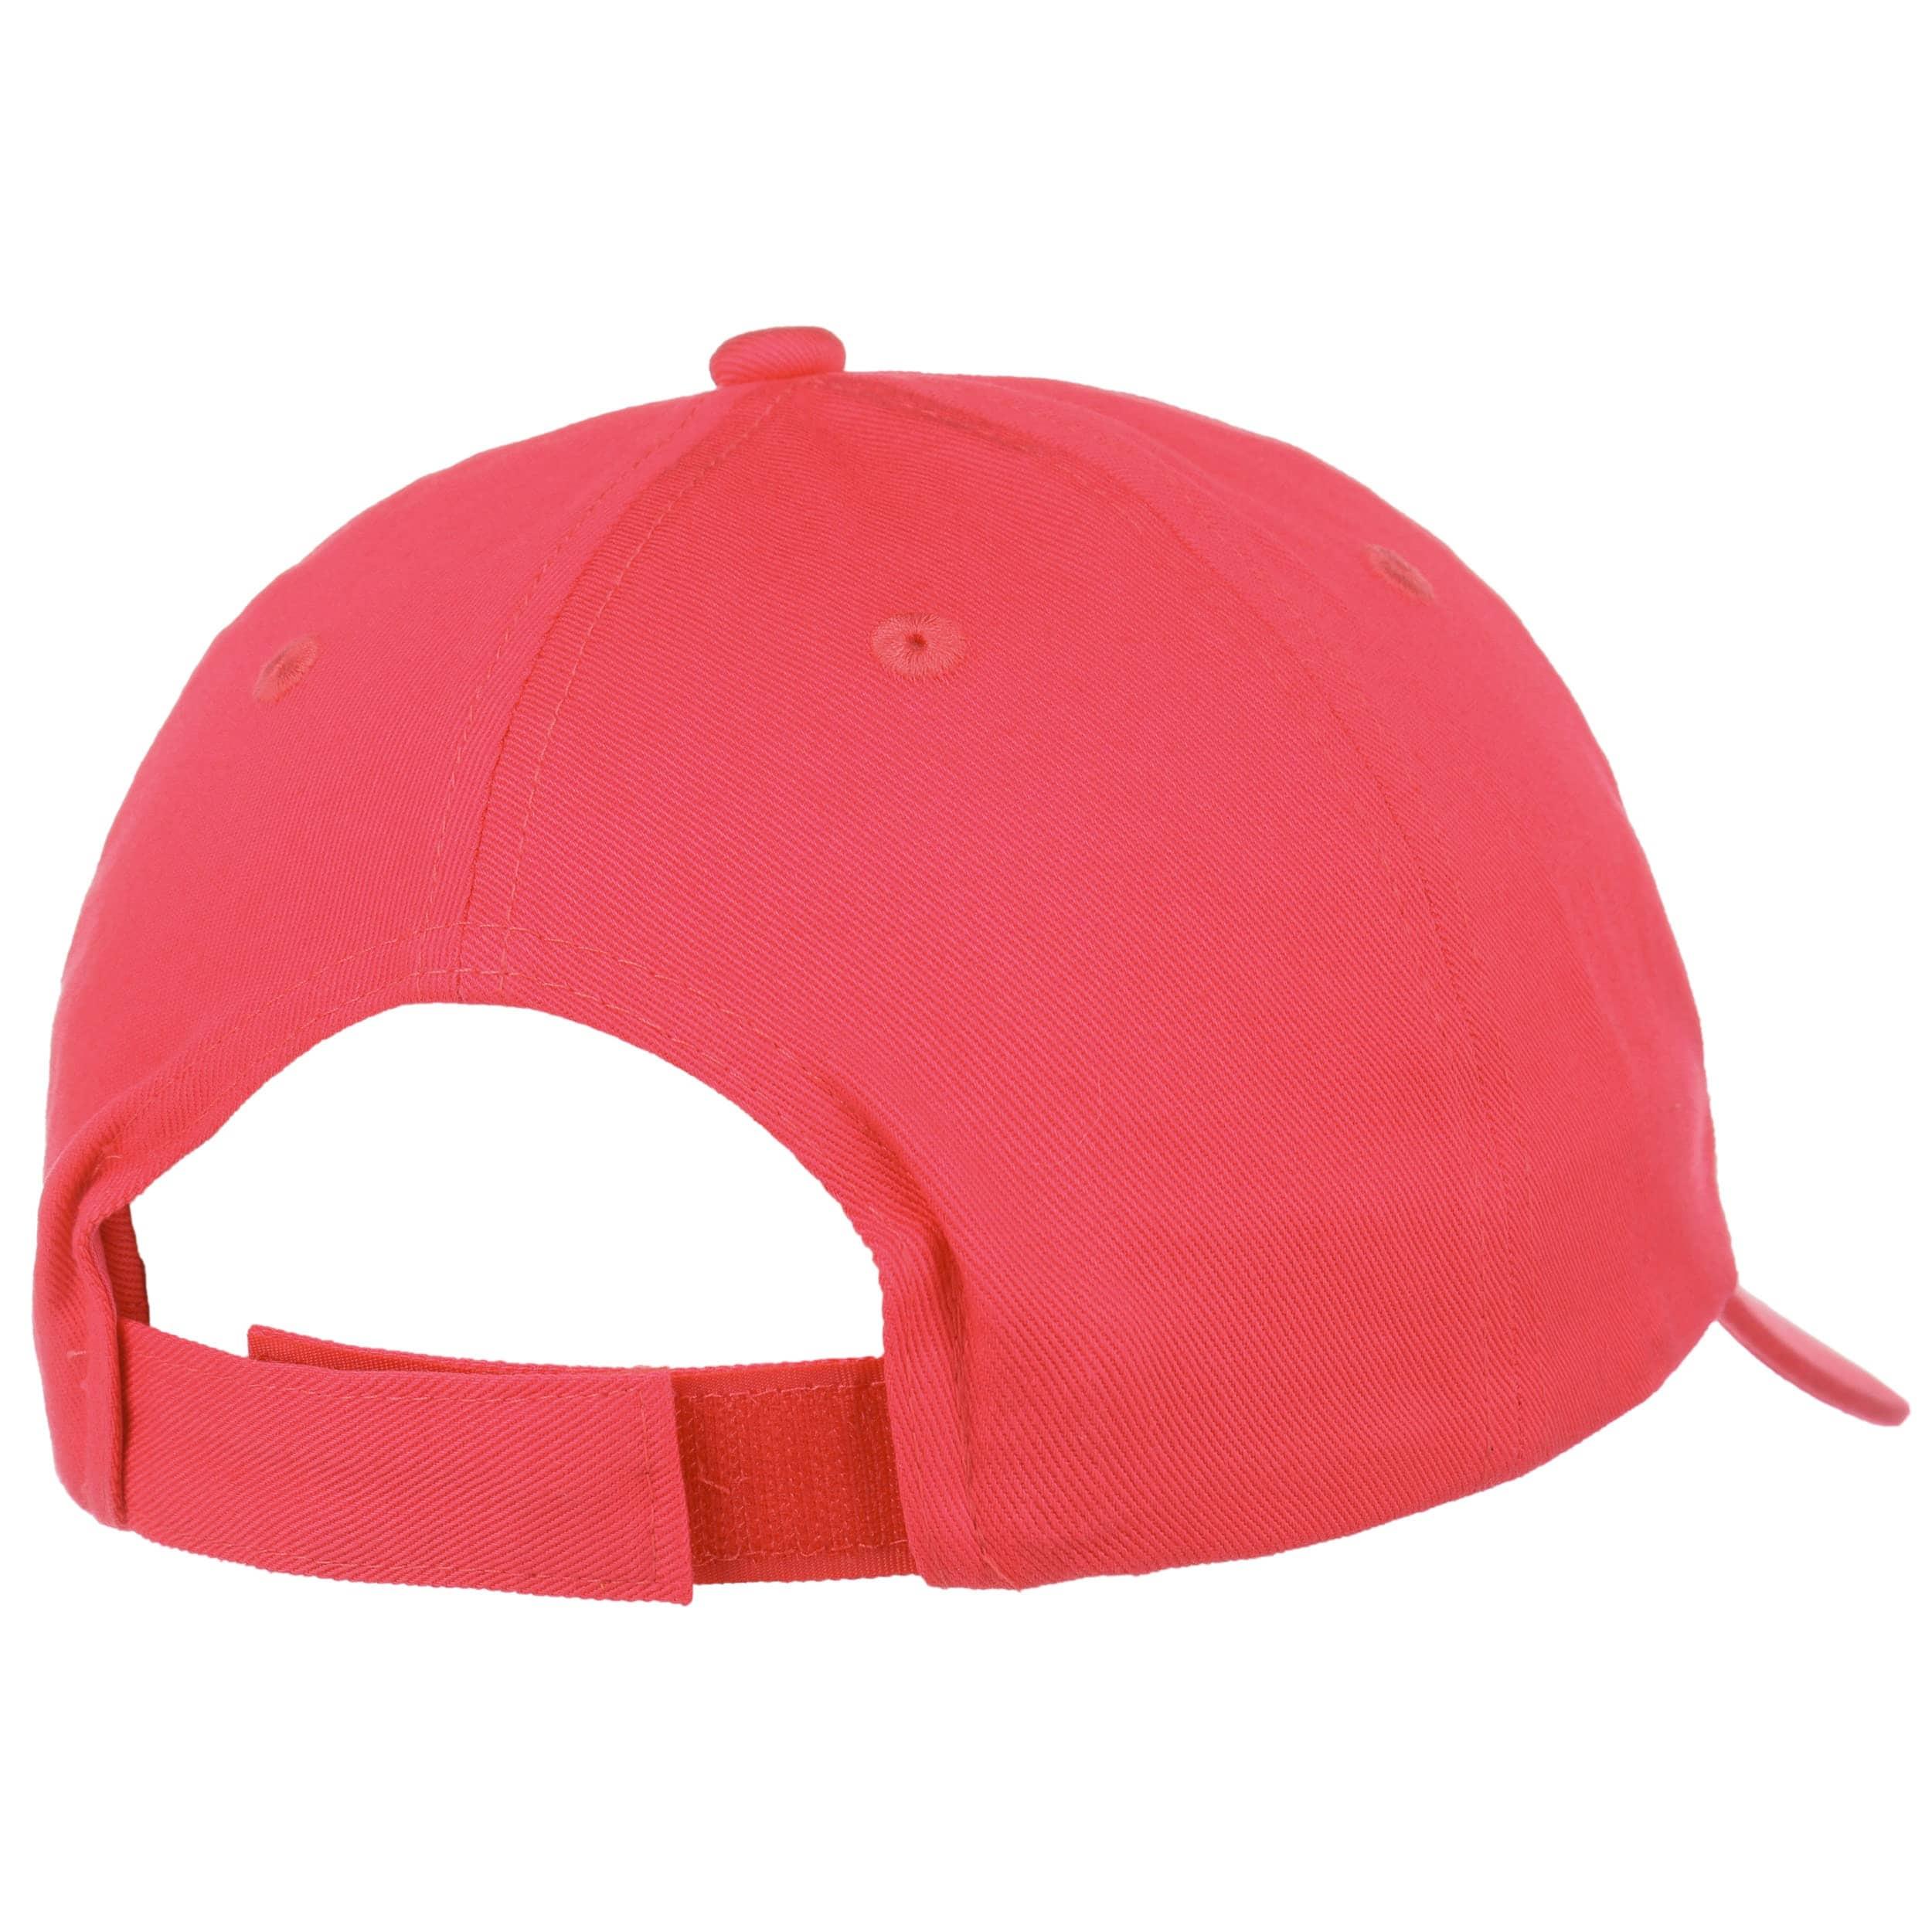 Gorra ESS Big Cat Cap by PUMA - Gorras - sombreroshop.es 8077f189b44